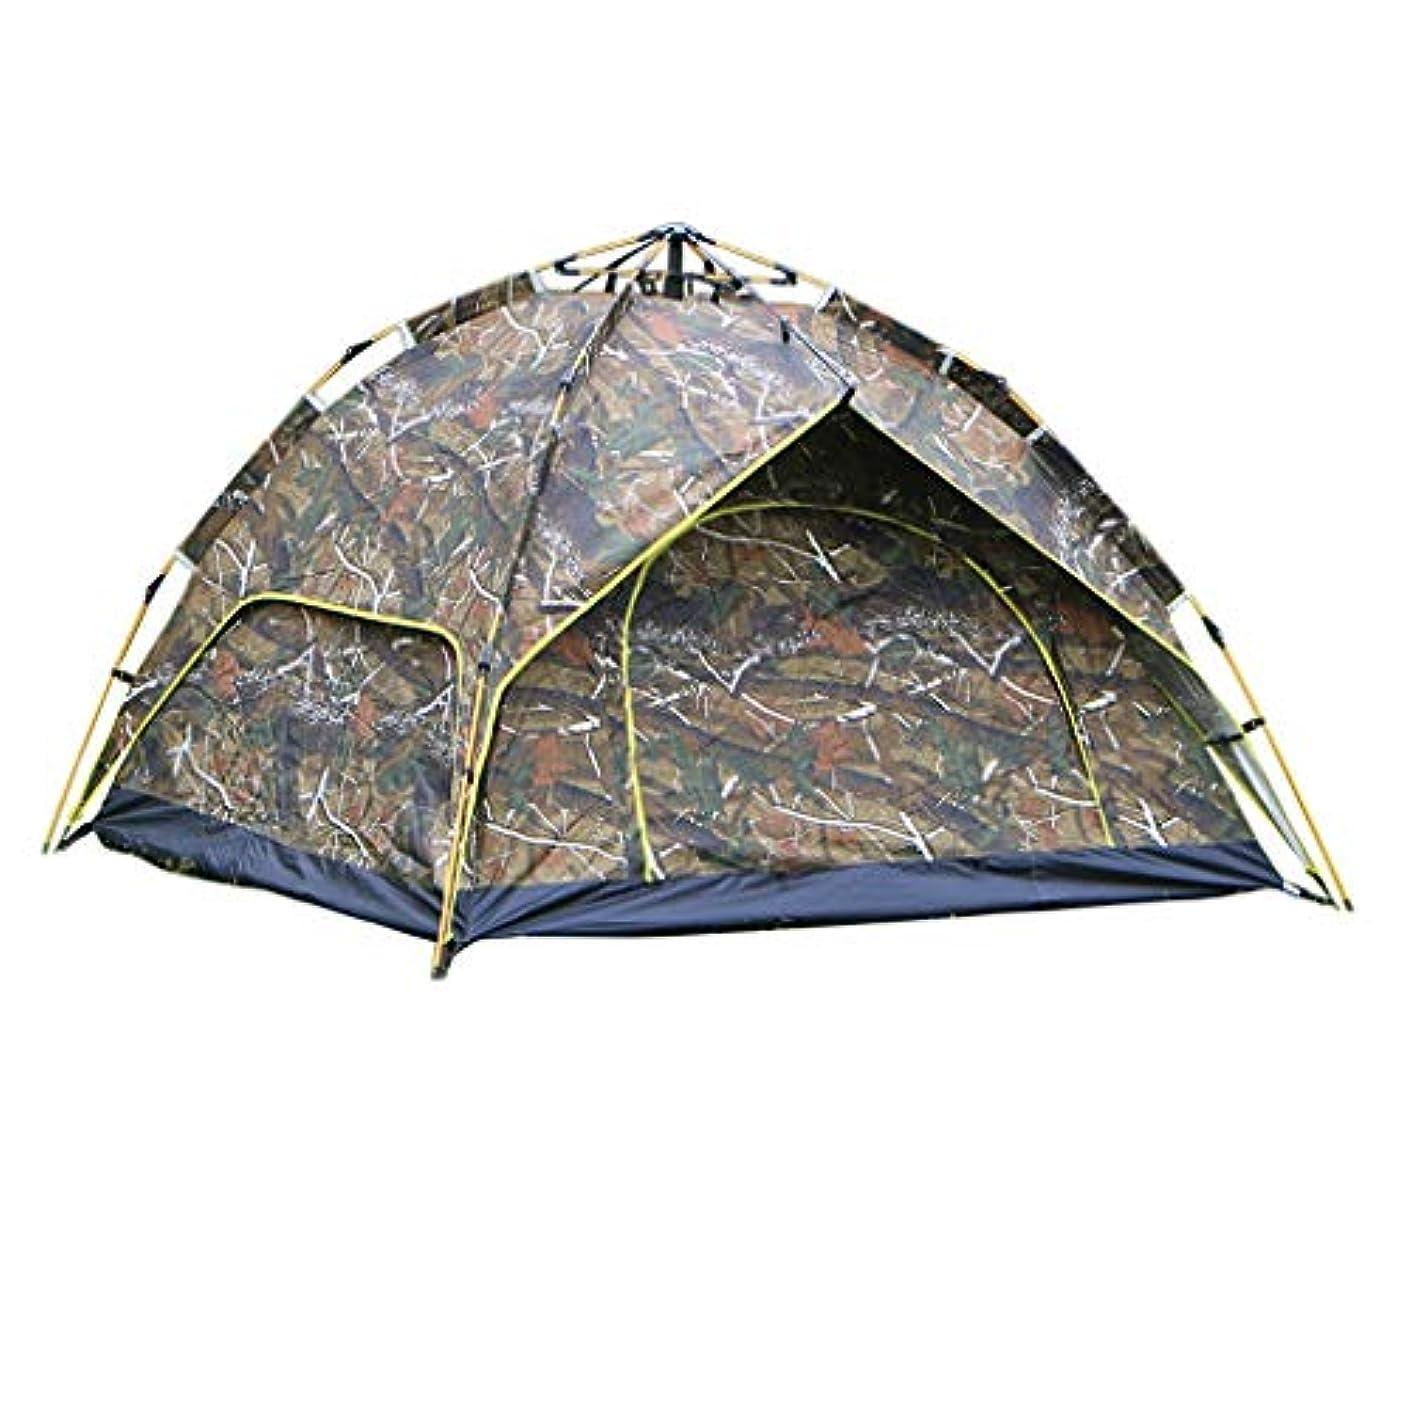 準備したどのくらいの頻度で郵便番号キャンプテント2人ポップアップ、簡単防水軽量インスタント自動テント、ビーチファミリー屋外ガーデン釣りピクニック、換気と耐久性、二重層迷彩